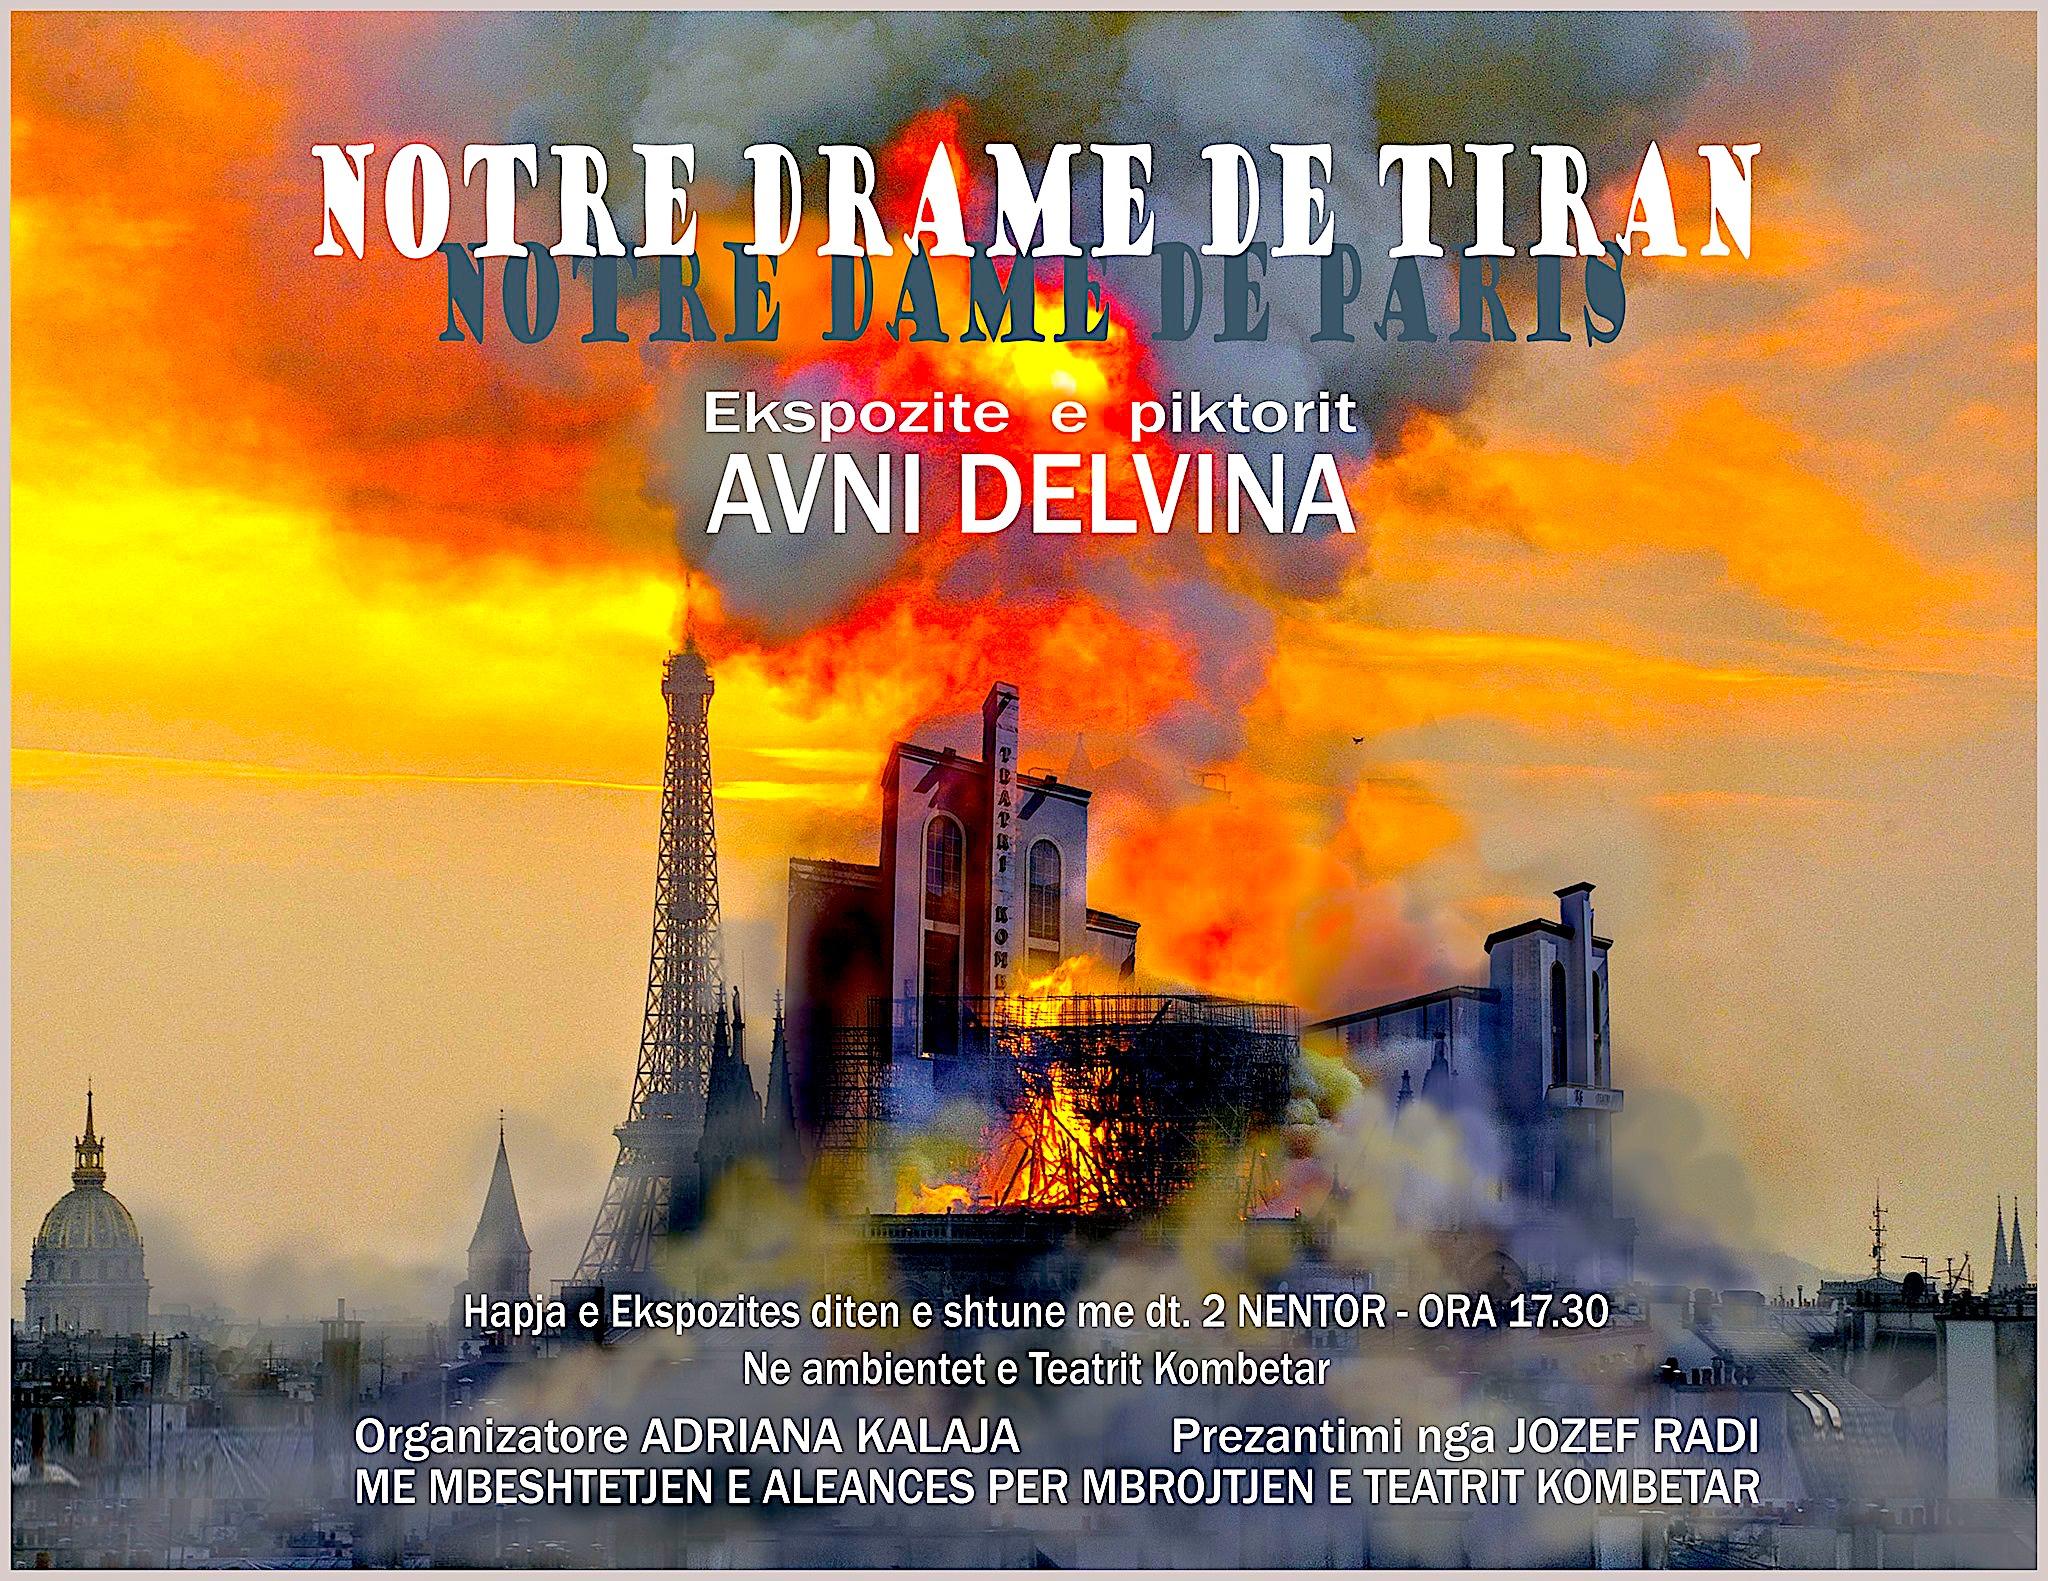 Notre Drame de Tiran - Ekspozitë nga Avni Delvina